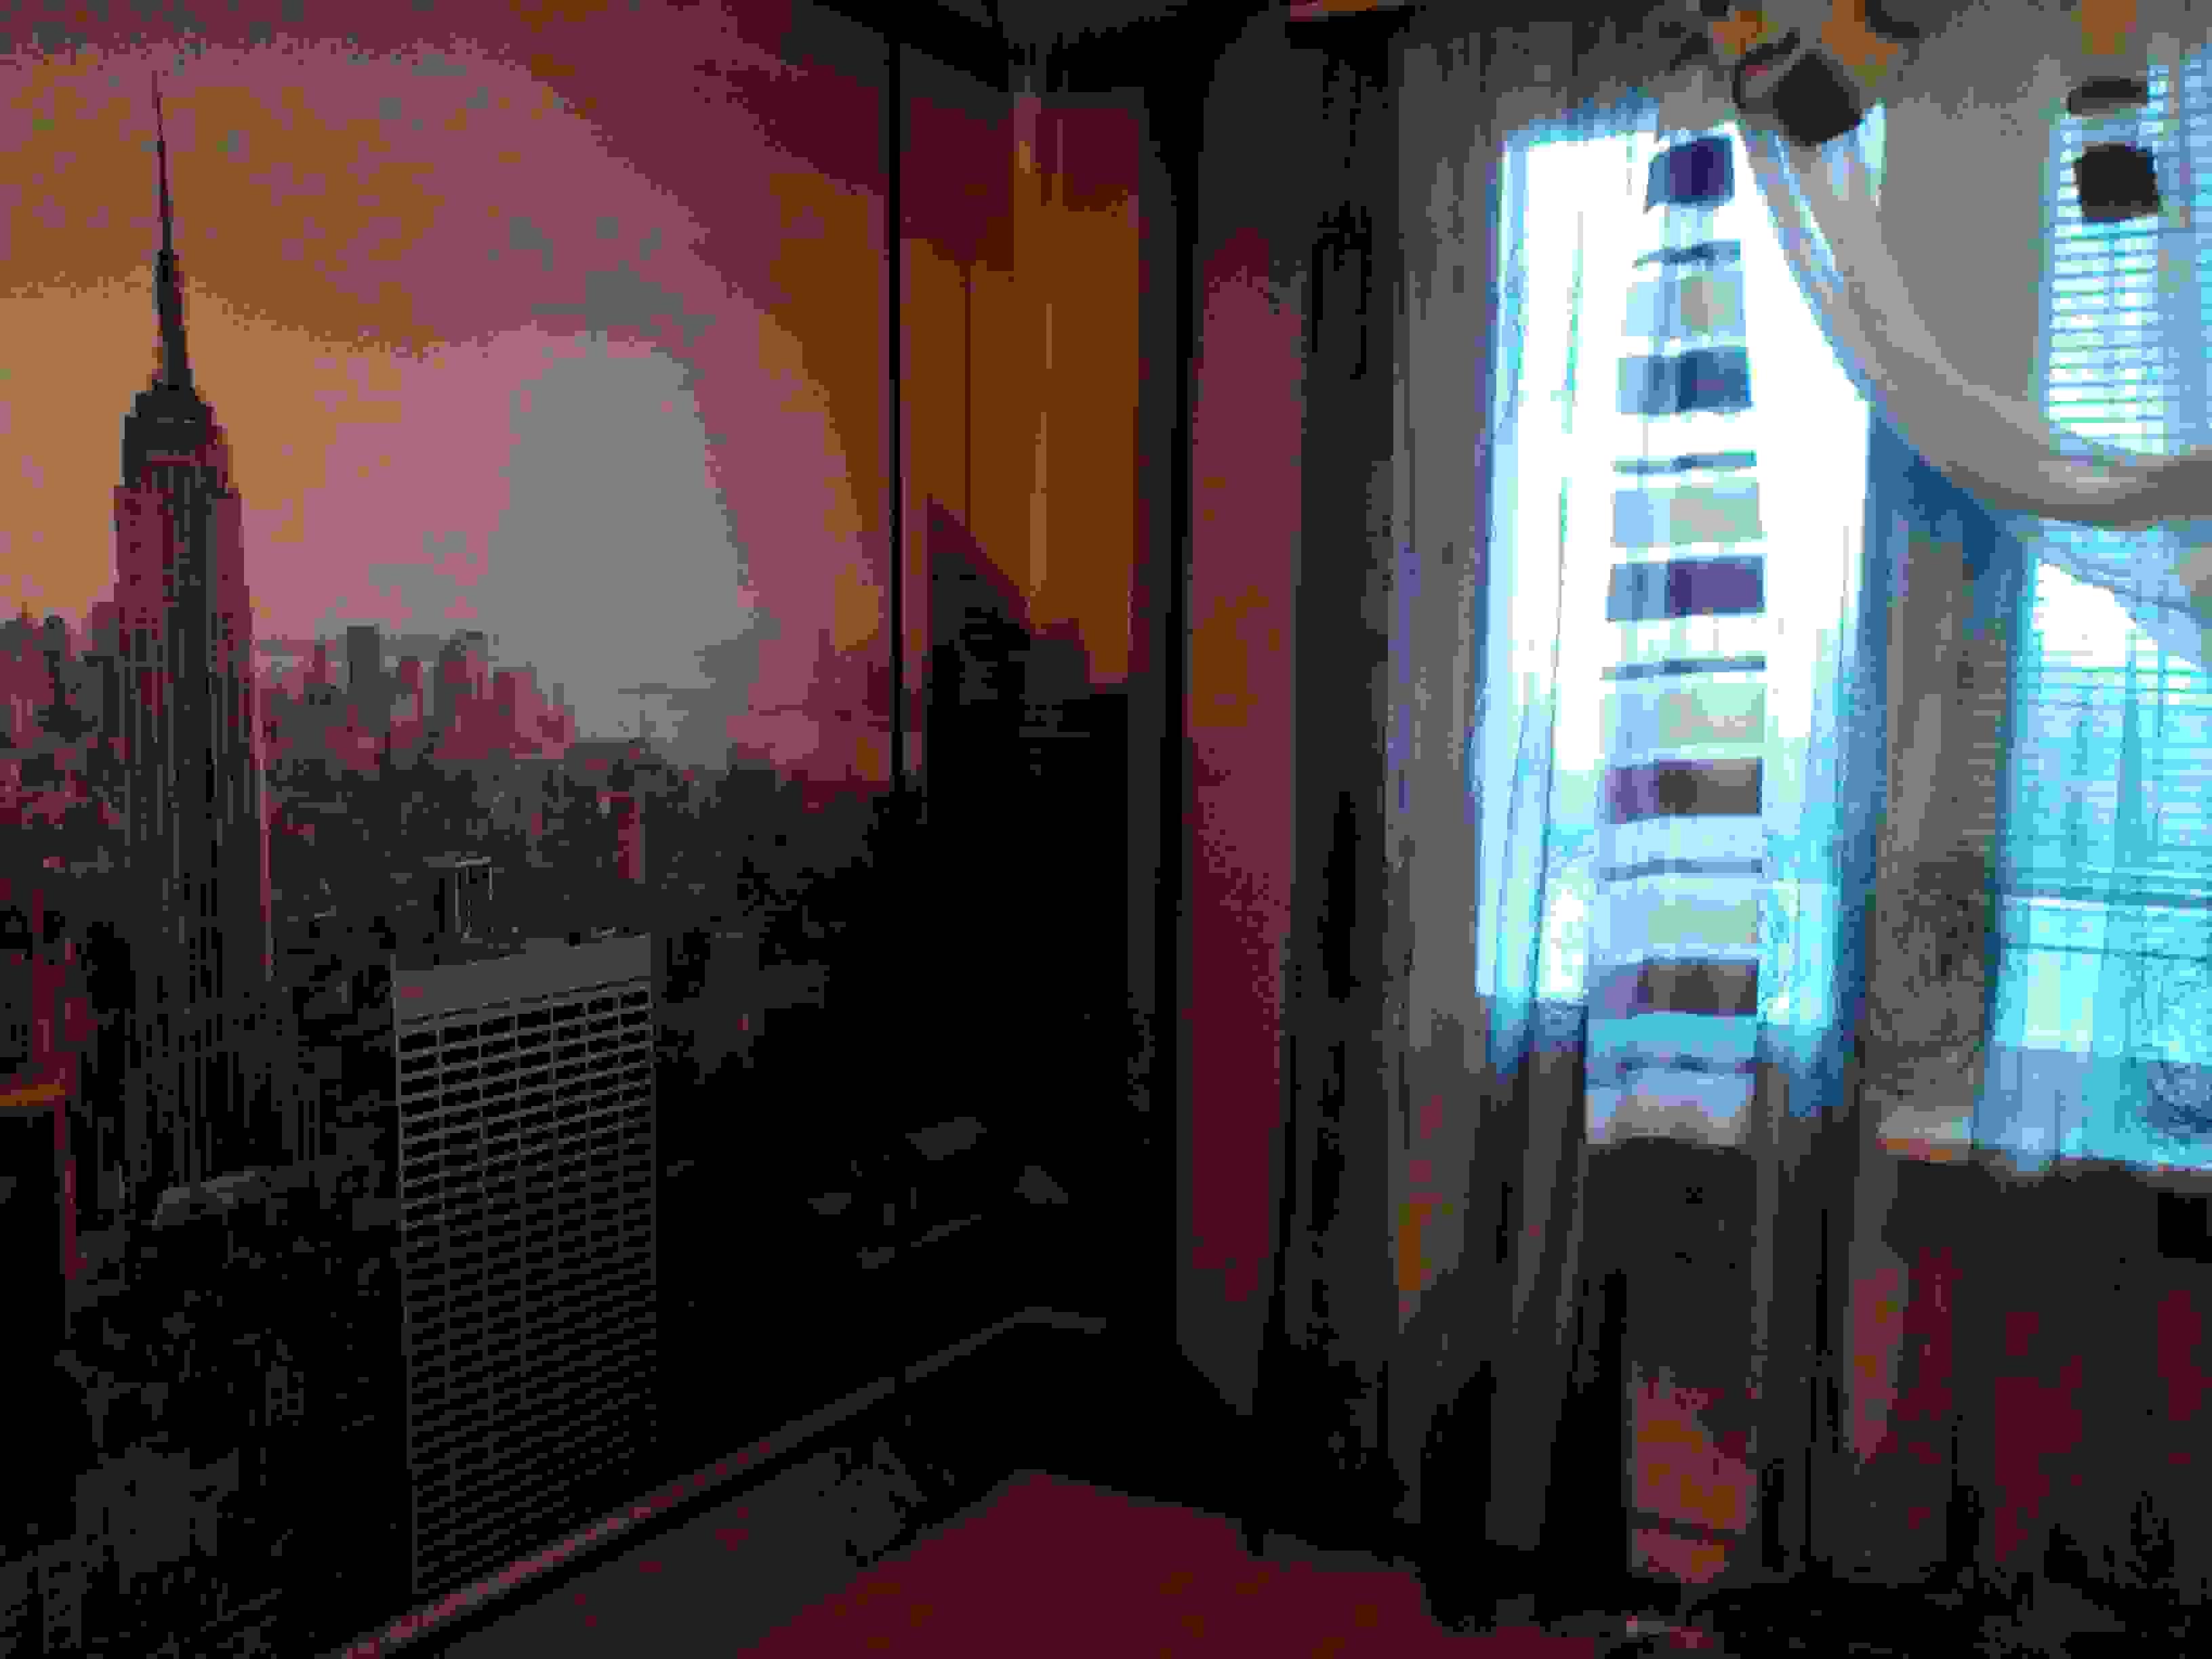 Сдаю 1-2х комнатную квартиру с современным ремонтом на сутки,недели,месяцы.Wi-Fi/Отчетные документы.. Фото 1